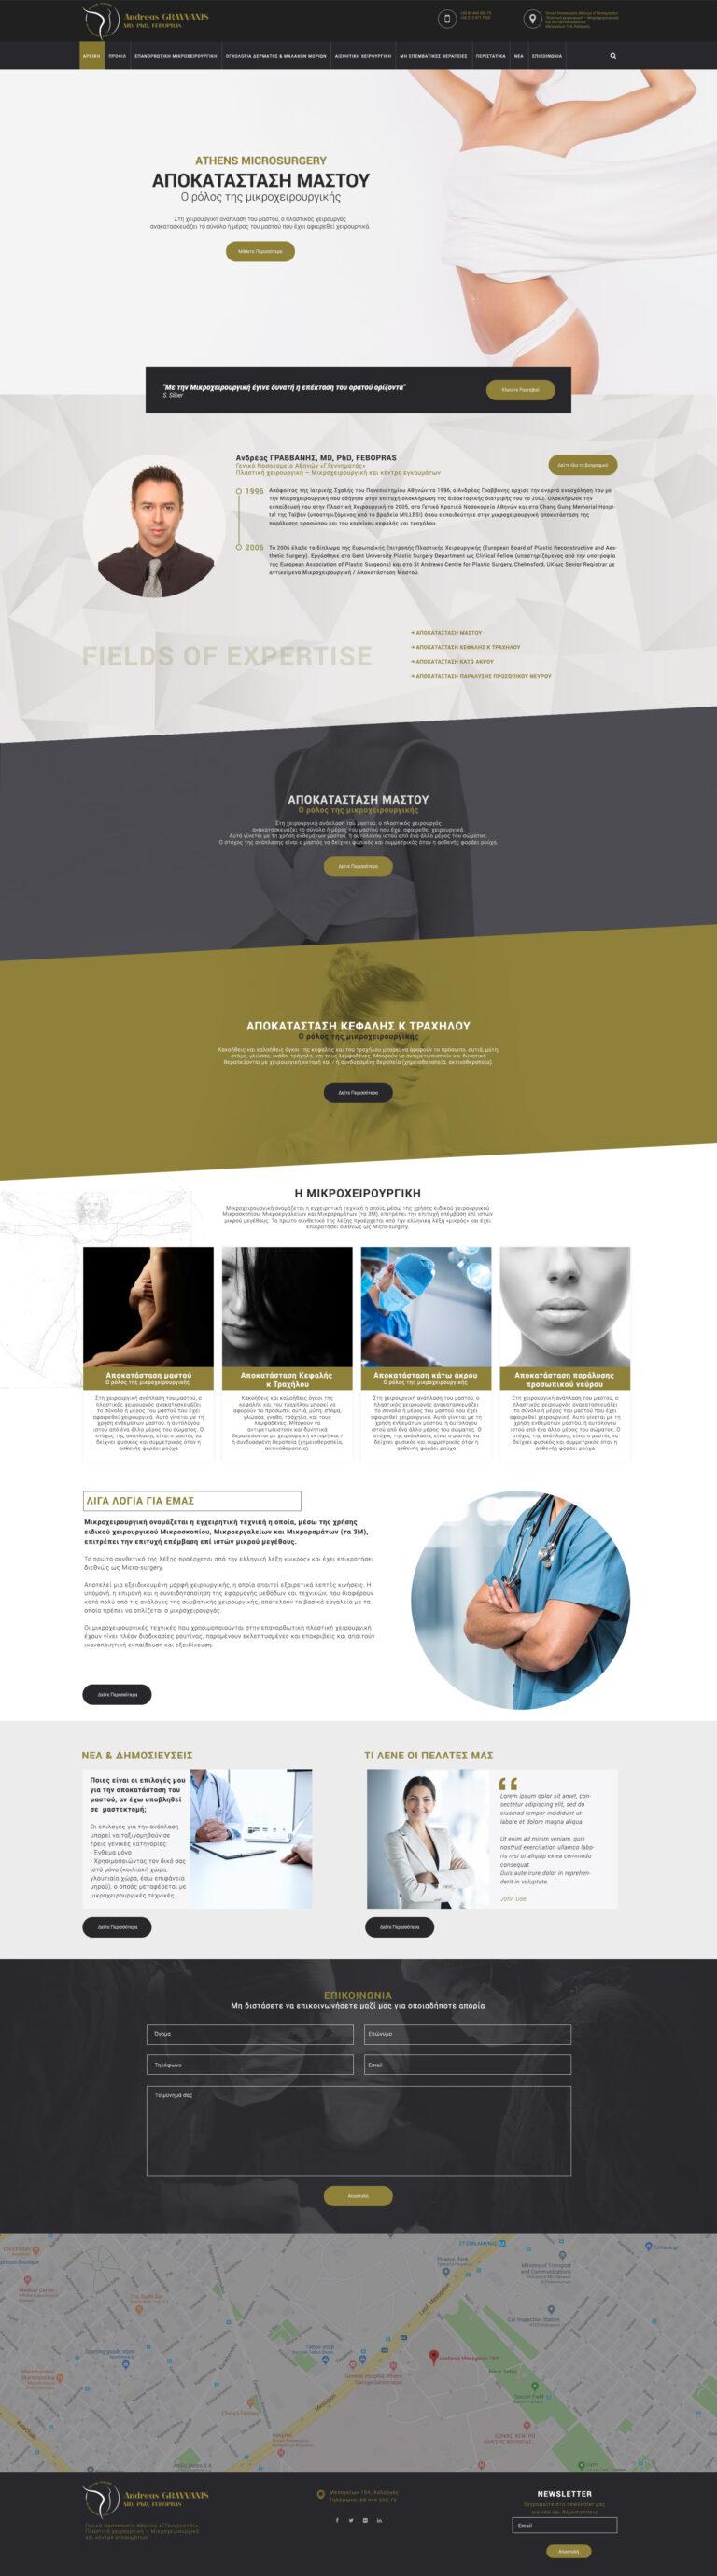 Κατασκευή ιστοσελίδας πλαστικού χειρουργού